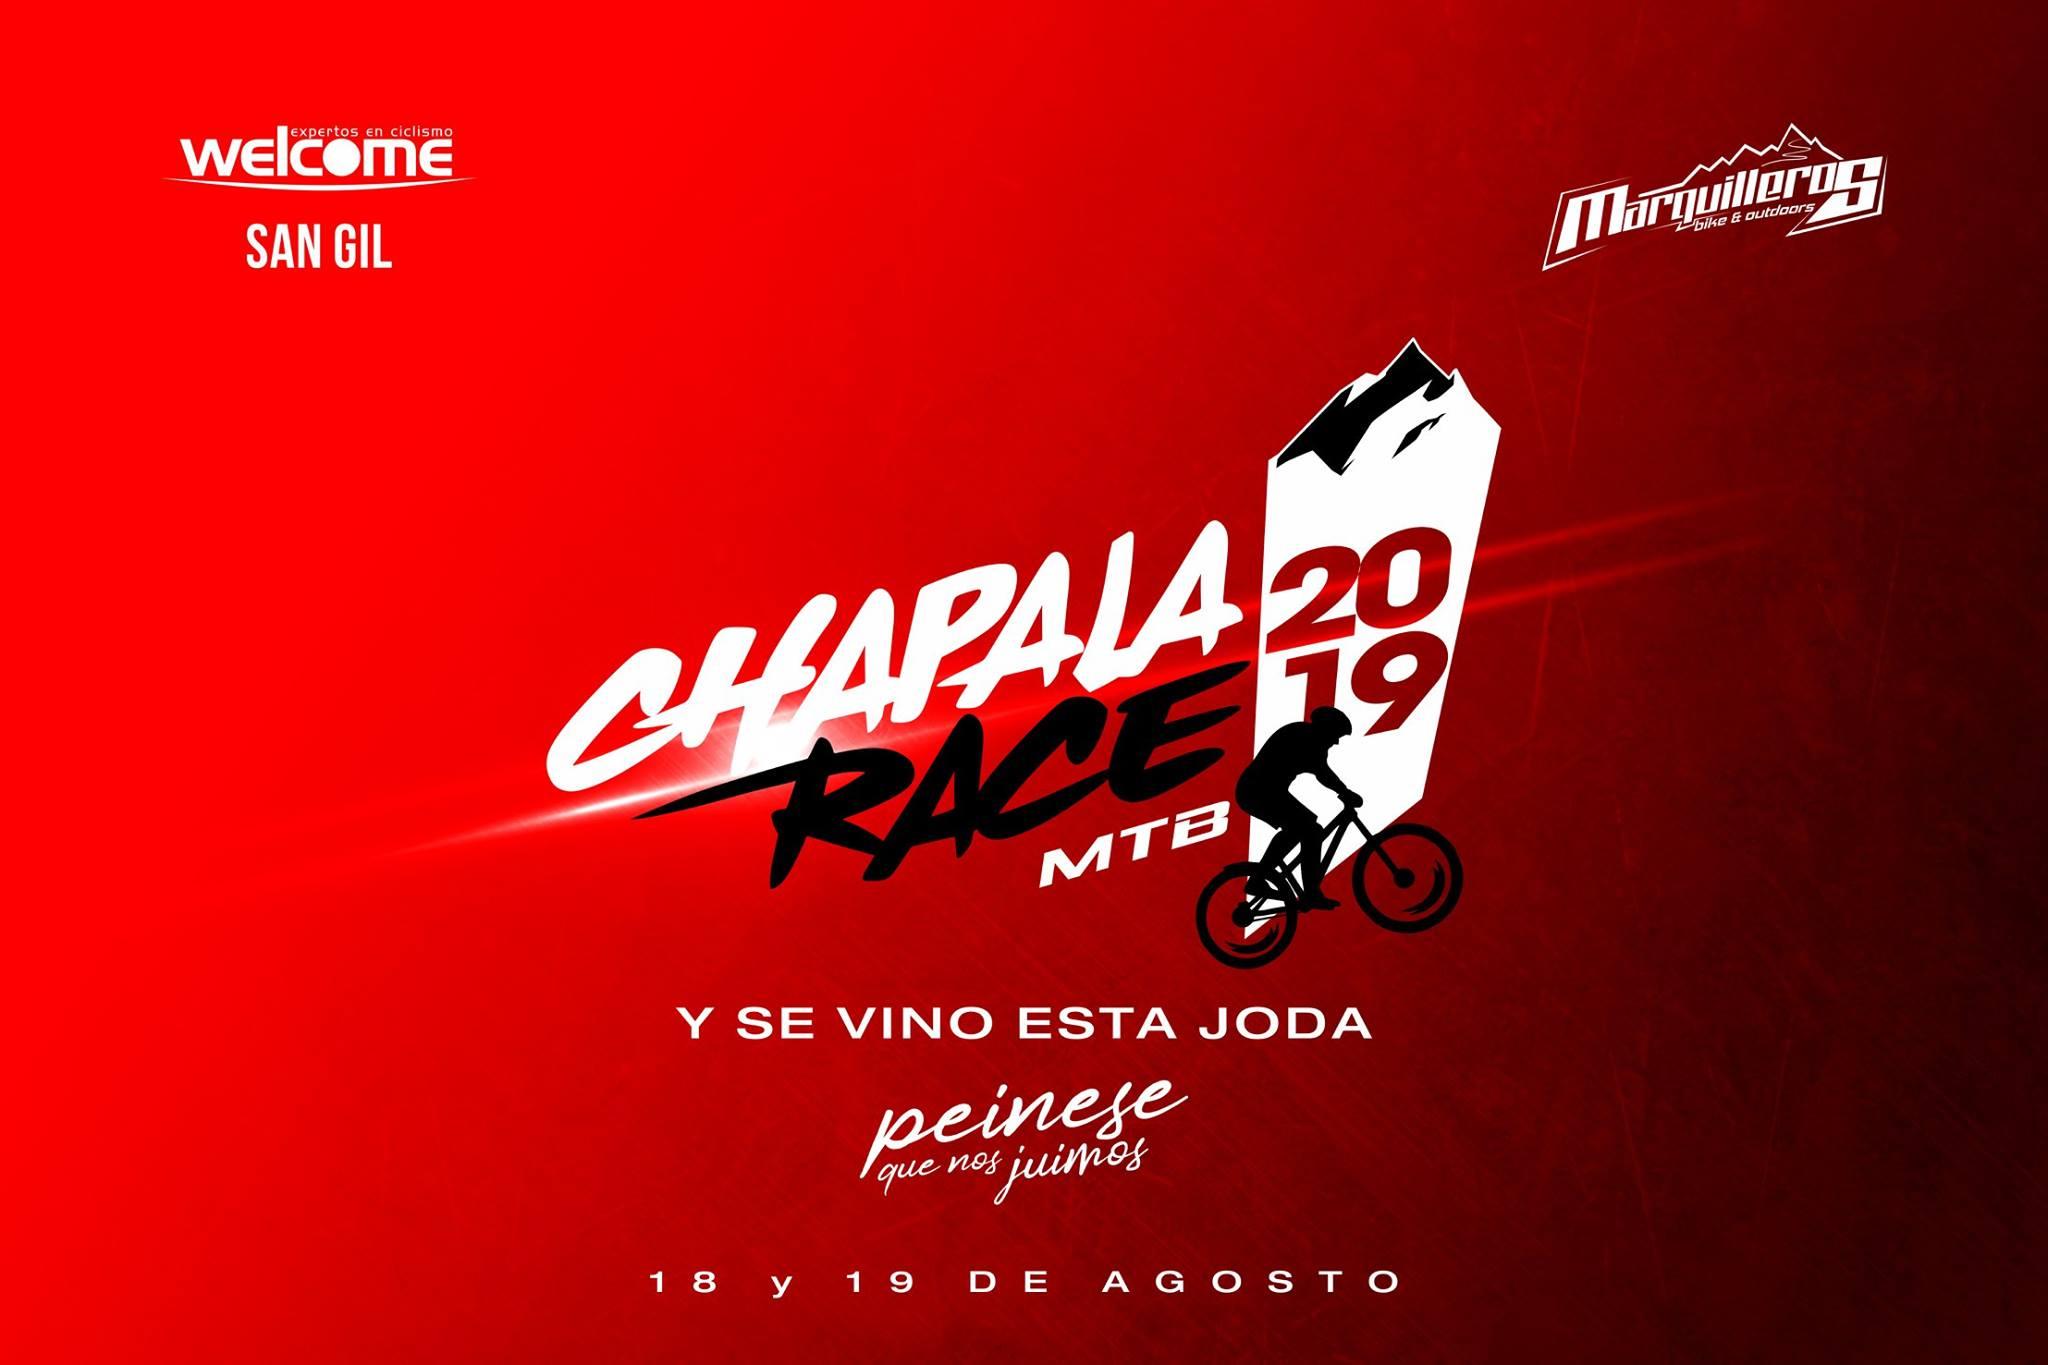 Chapala 4